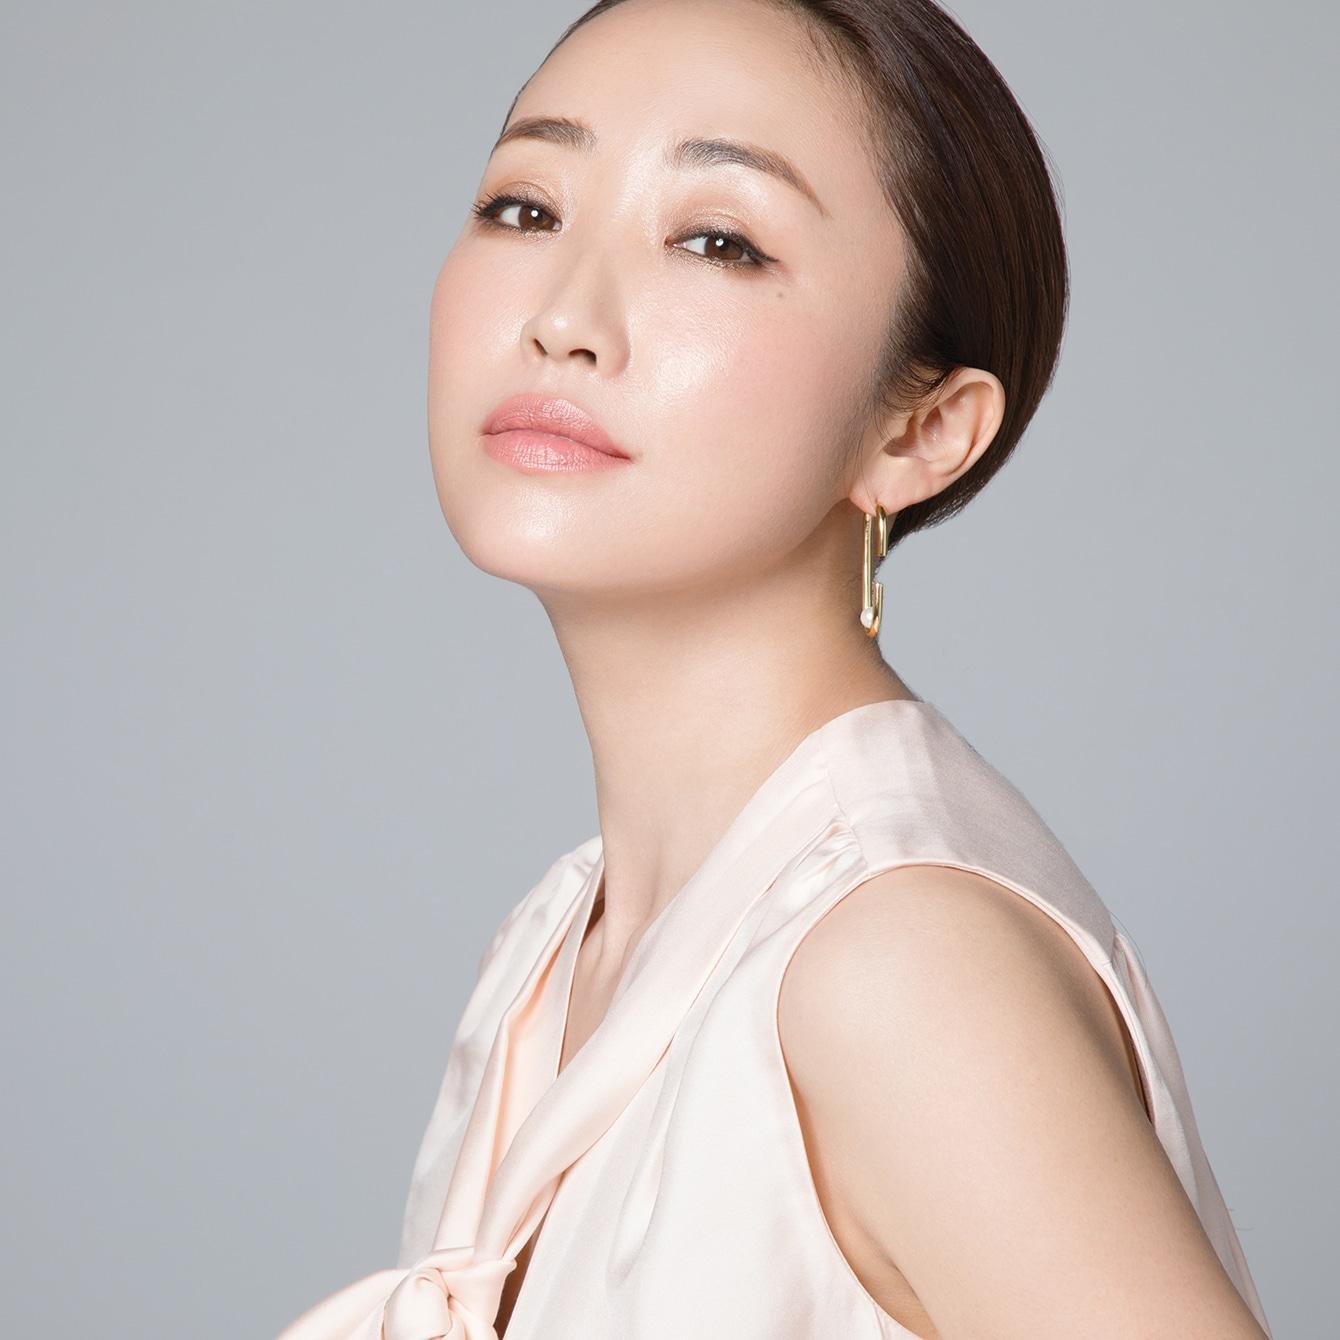 【神崎恵さん流】ファッションに合わせてヘアもメイクも変える方法